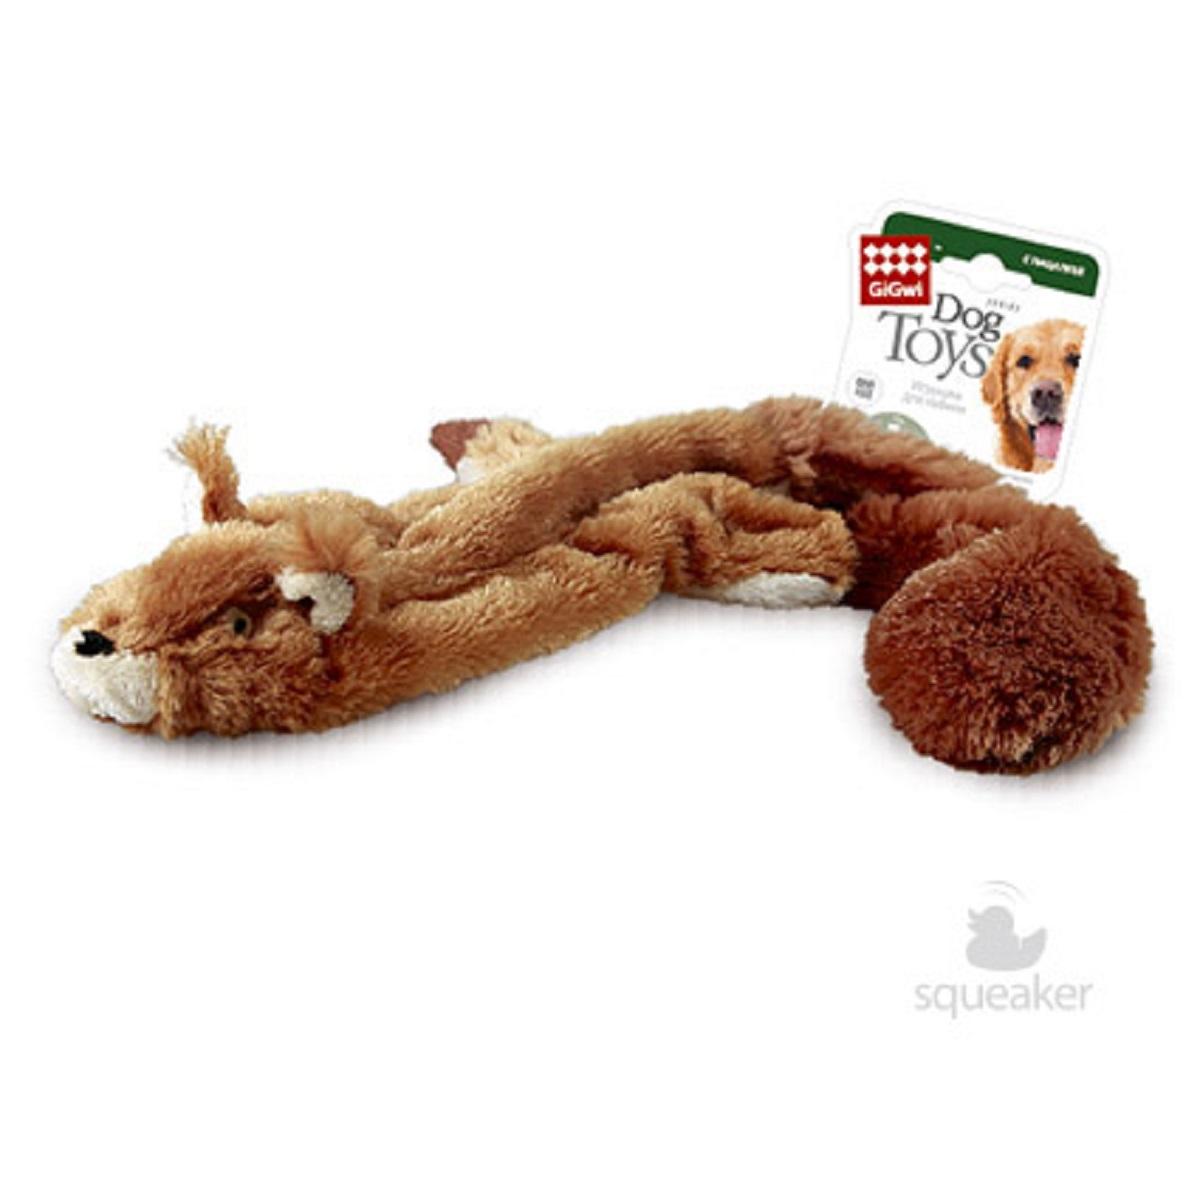 Игрушка для собак GiGwi Шкурка белки с пищалкой, 61 см75012GiGwi игрушка для собак Шкурка белки с пищалкой 61 см Игрушка для собак. Шкурка с двумя пищалками, удобная для тренинга, без наполнителей. Подходит для больших и средних собак.